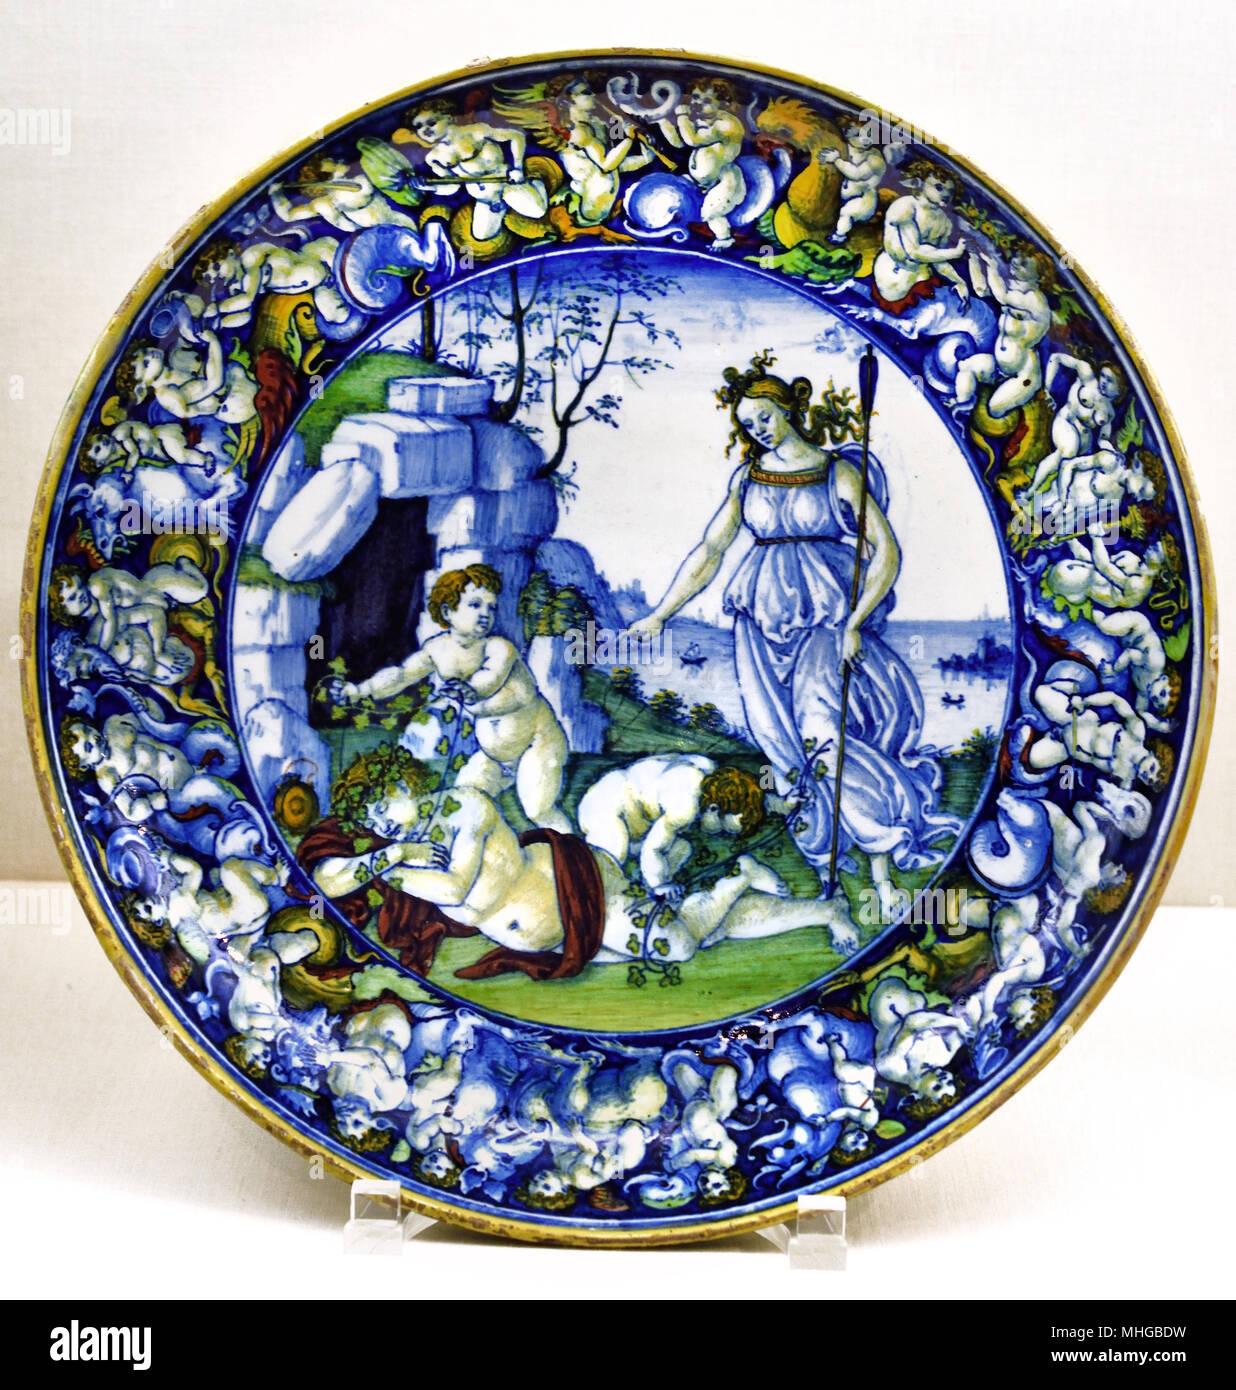 Italienische Gericht 1. Hälfte 16. Jahrhundert Italien Cafaggiolo (Majolika) Stockbild